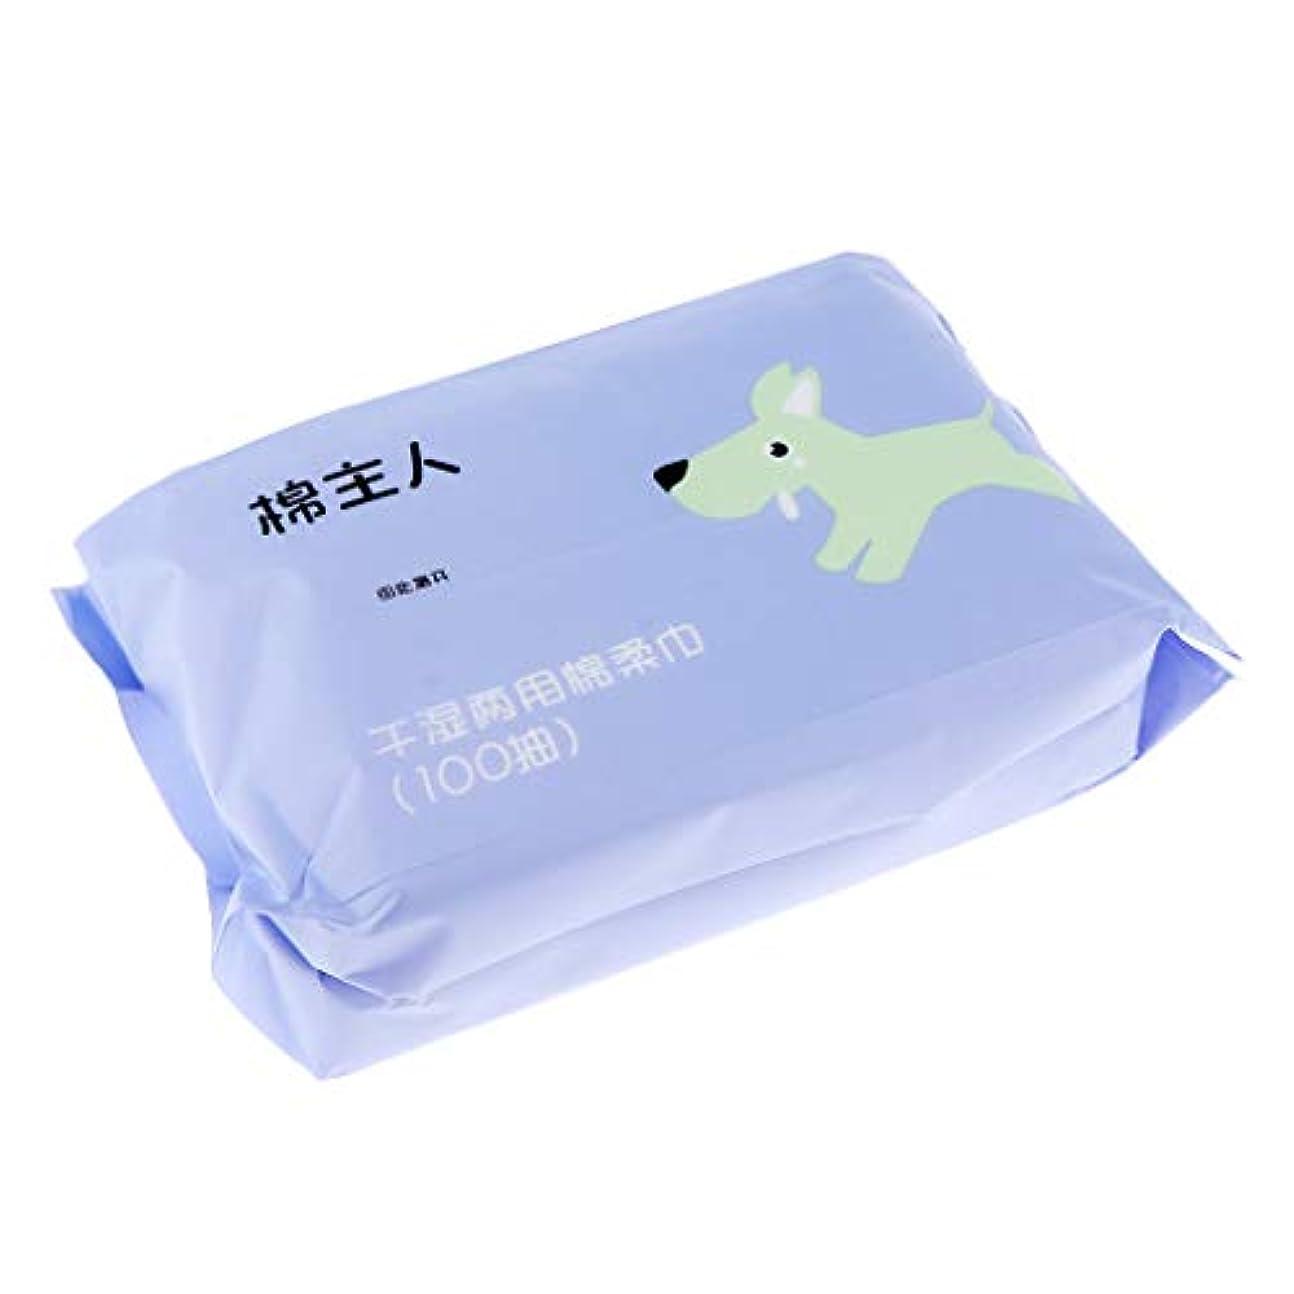 財布アルバム禁輸約100枚 使い捨て クレンジングシート メイク落とし 化粧品 ソフト 2色選べ - 青紫